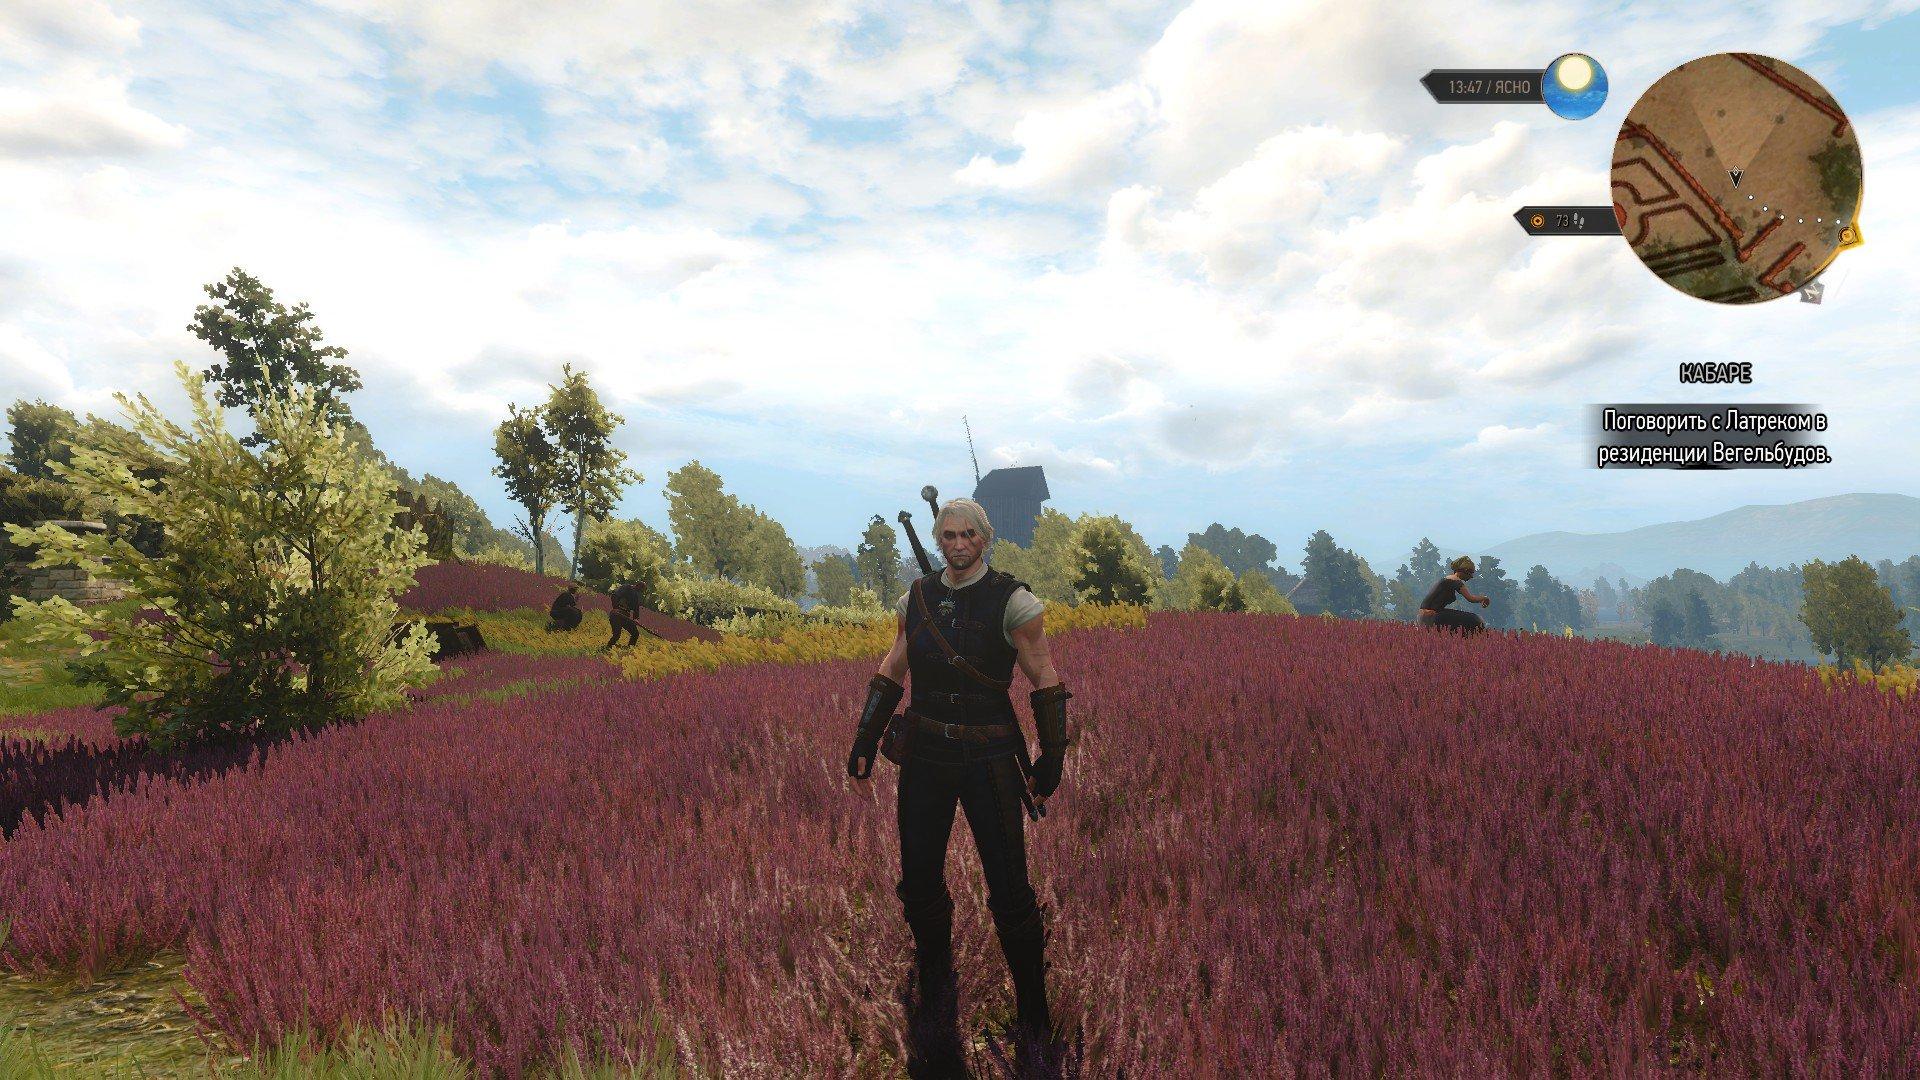 The Witcher 3: Wild Hunt. Список изменений патча 1.10. Часть 2.   Стабильность:   - Исправлены проблемы сбоя на аппа ... - Изображение 2